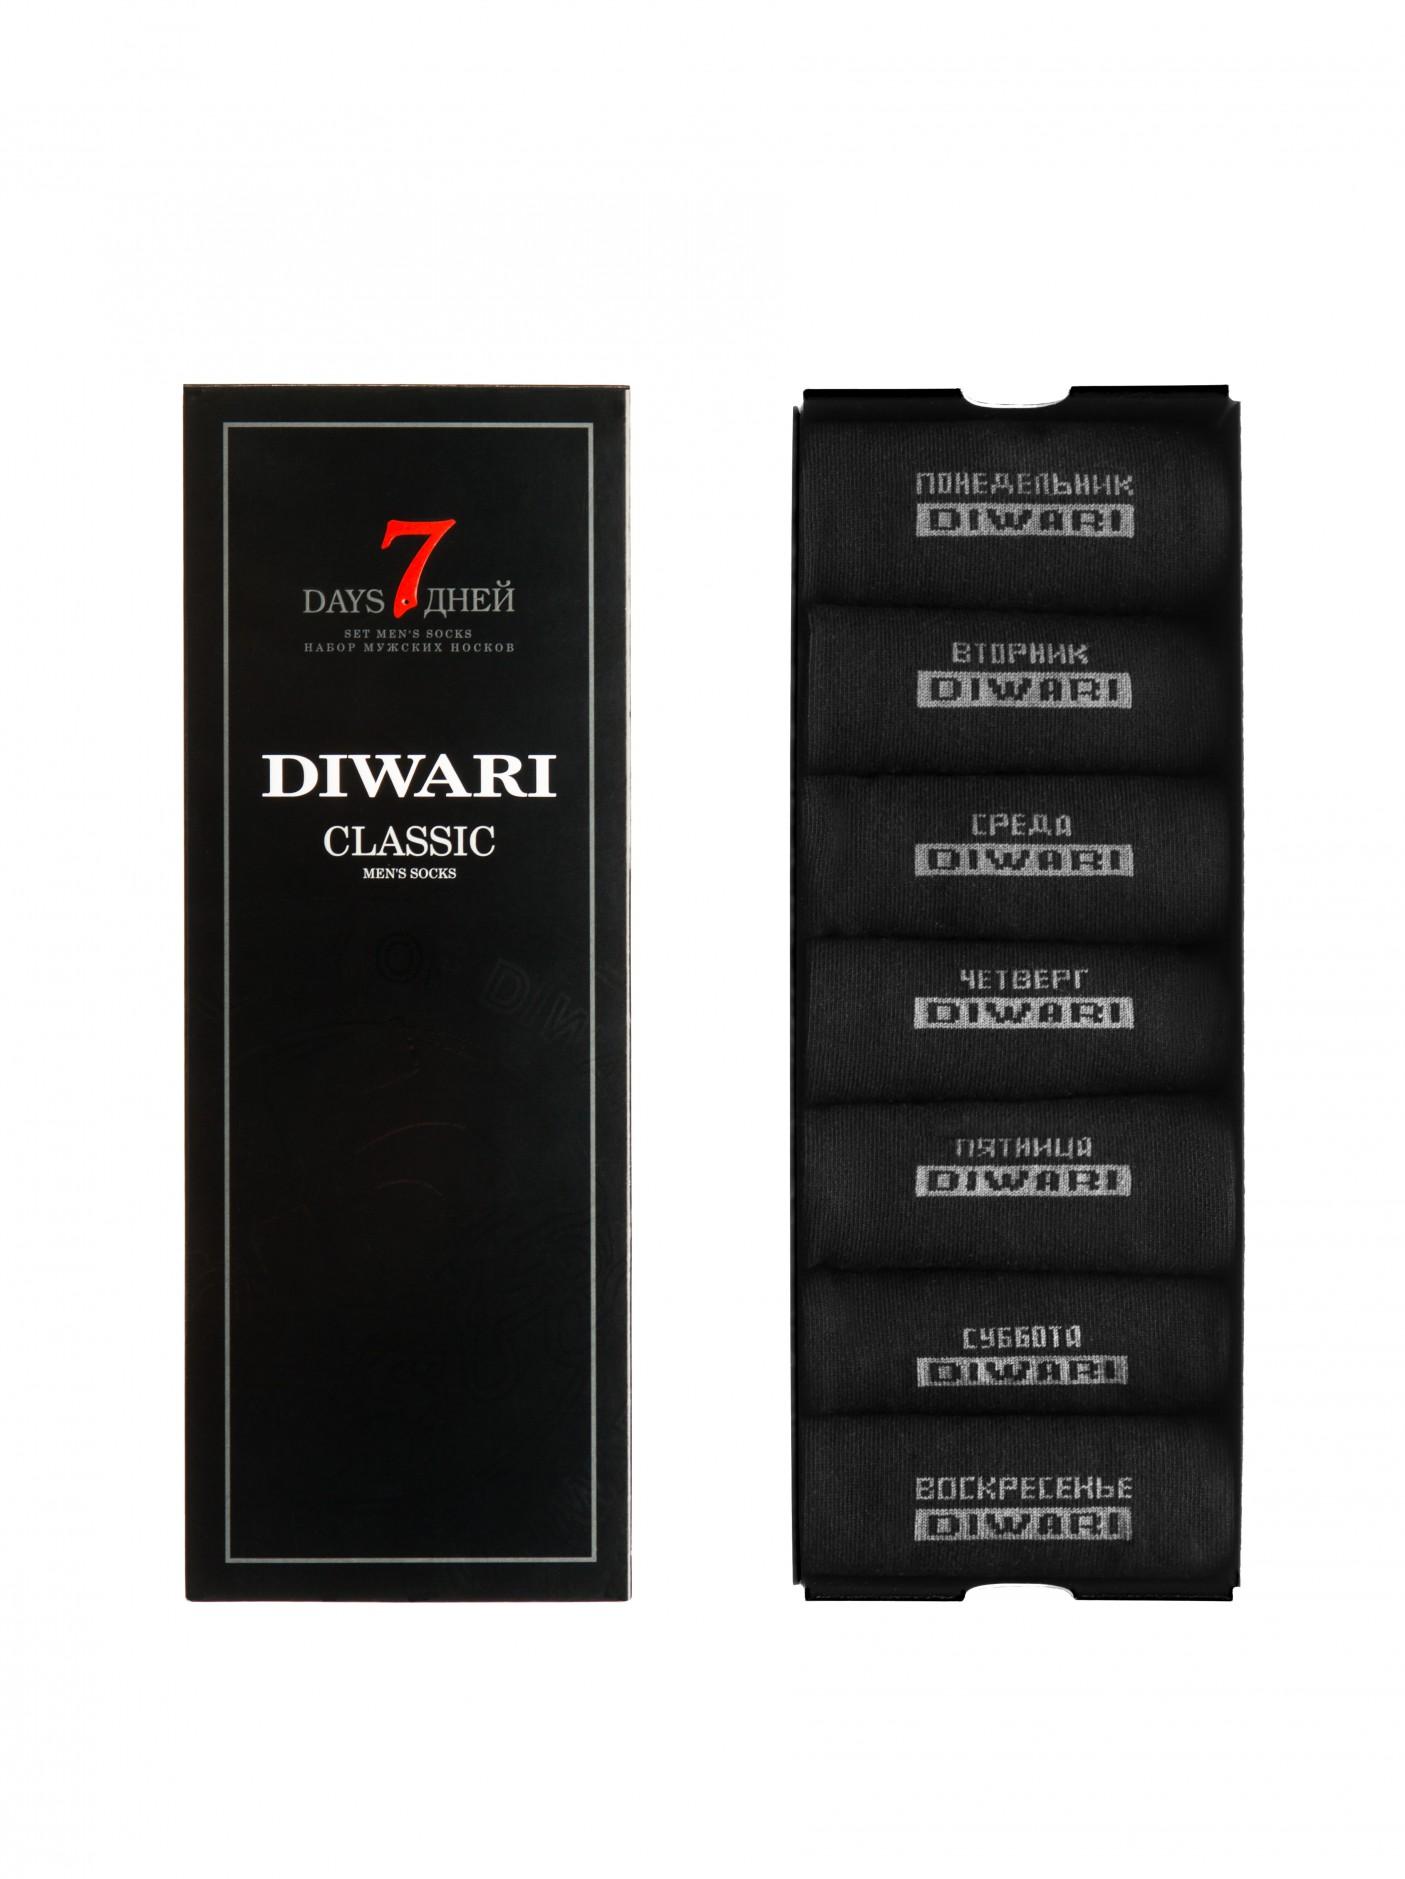 4553f359a74d DiWaRi Classic 5С-08СП, носки мужские неделька 7 пар